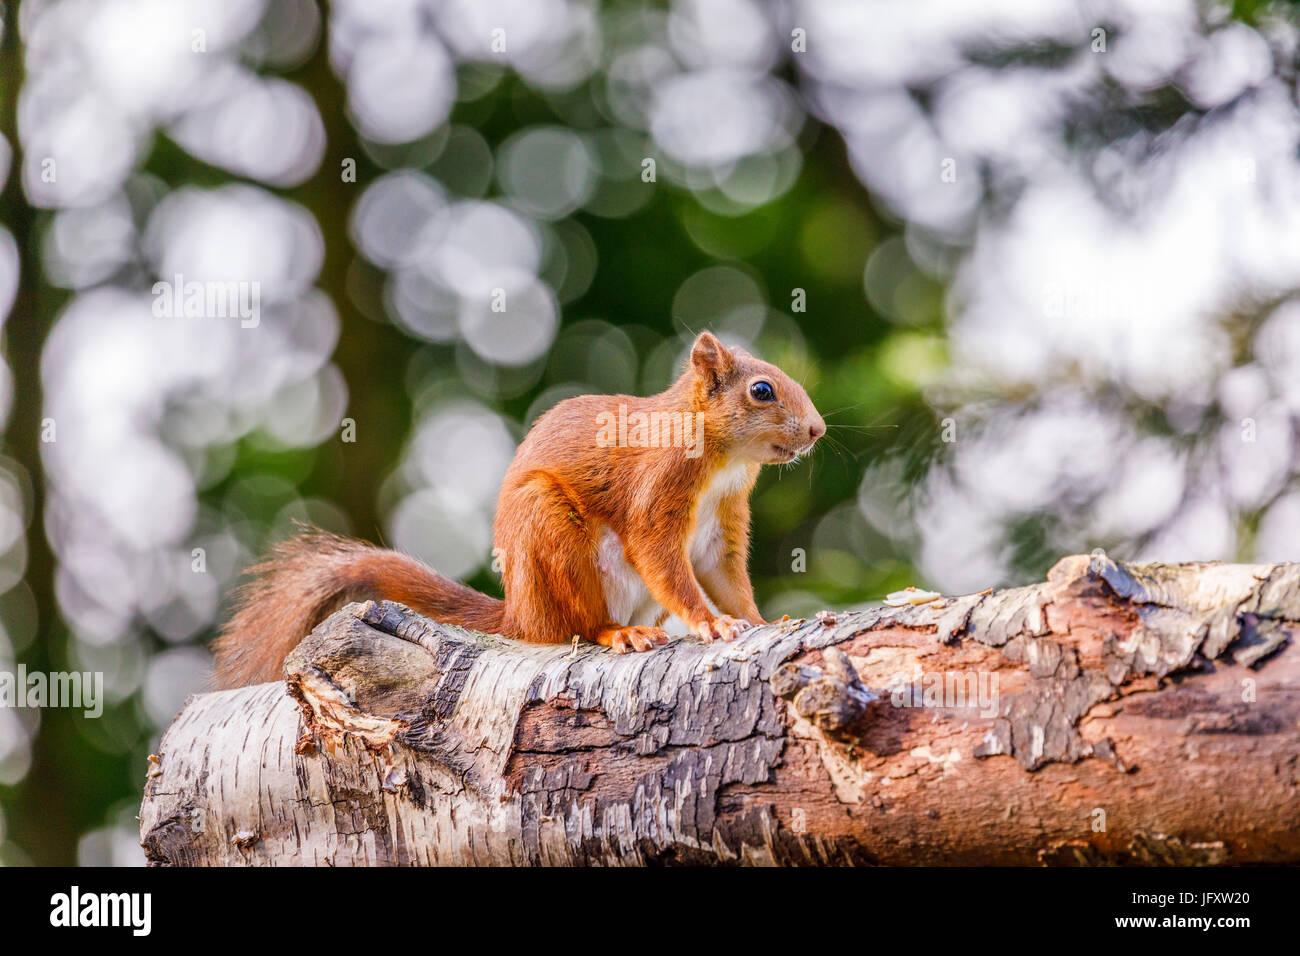 L'Écureuil roux (Sciurus vulgaris) debout accroupi sur un journal, British Wildlife Centre, Newchapel, Lingfield, Surrey, UK Banque D'Images